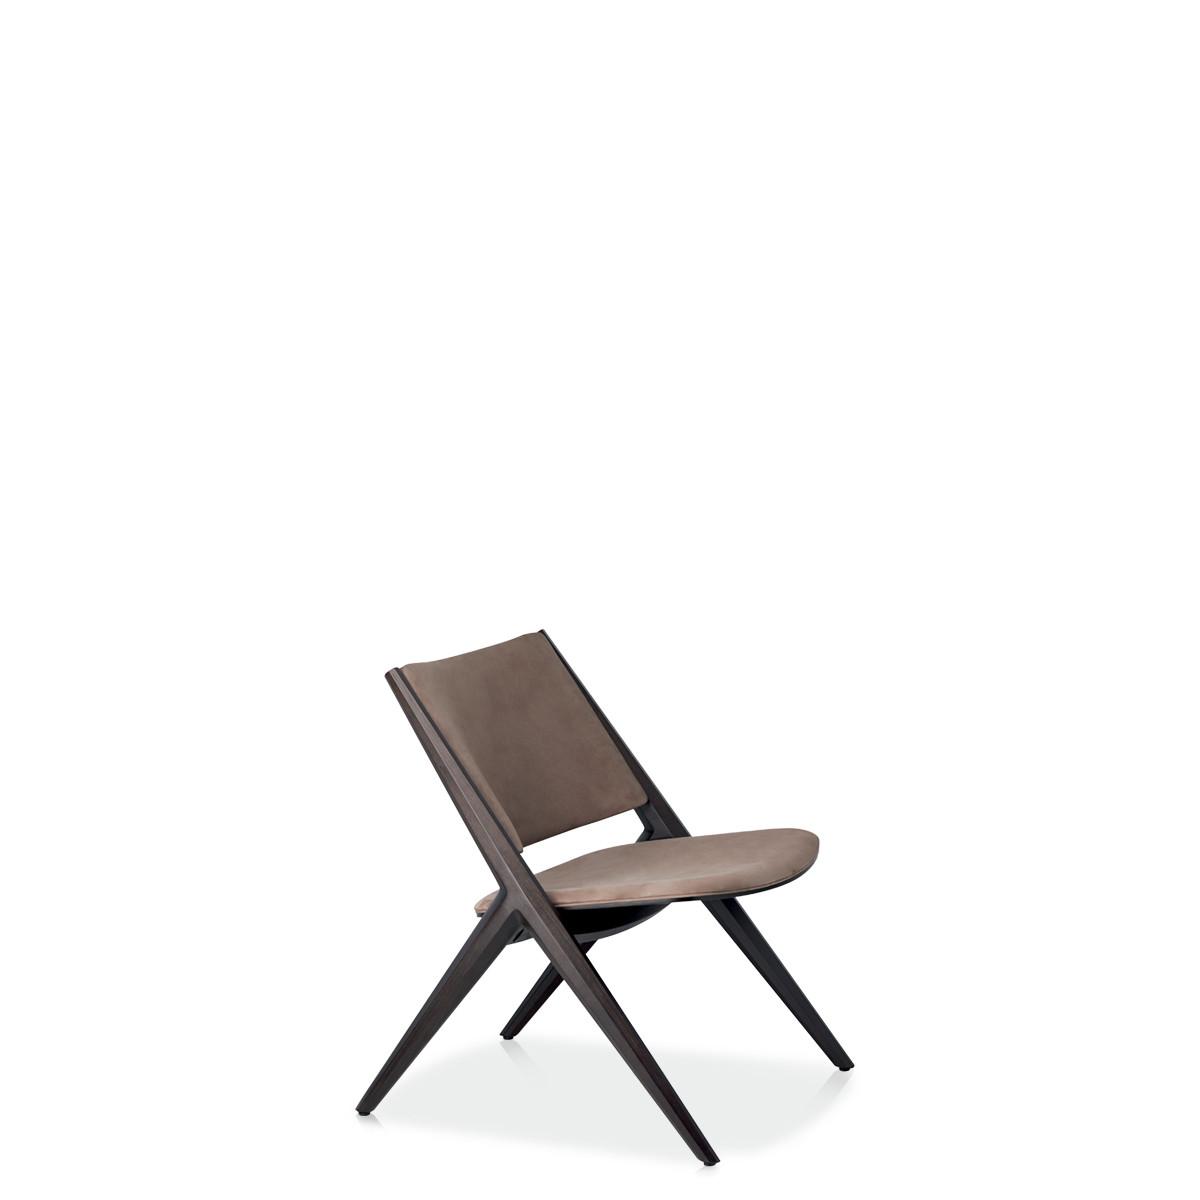 Entdecken Sie bei Conzept Beckord besondere Designmöbel! Hier finden Sie Potocco Sofas und Sessel: Track